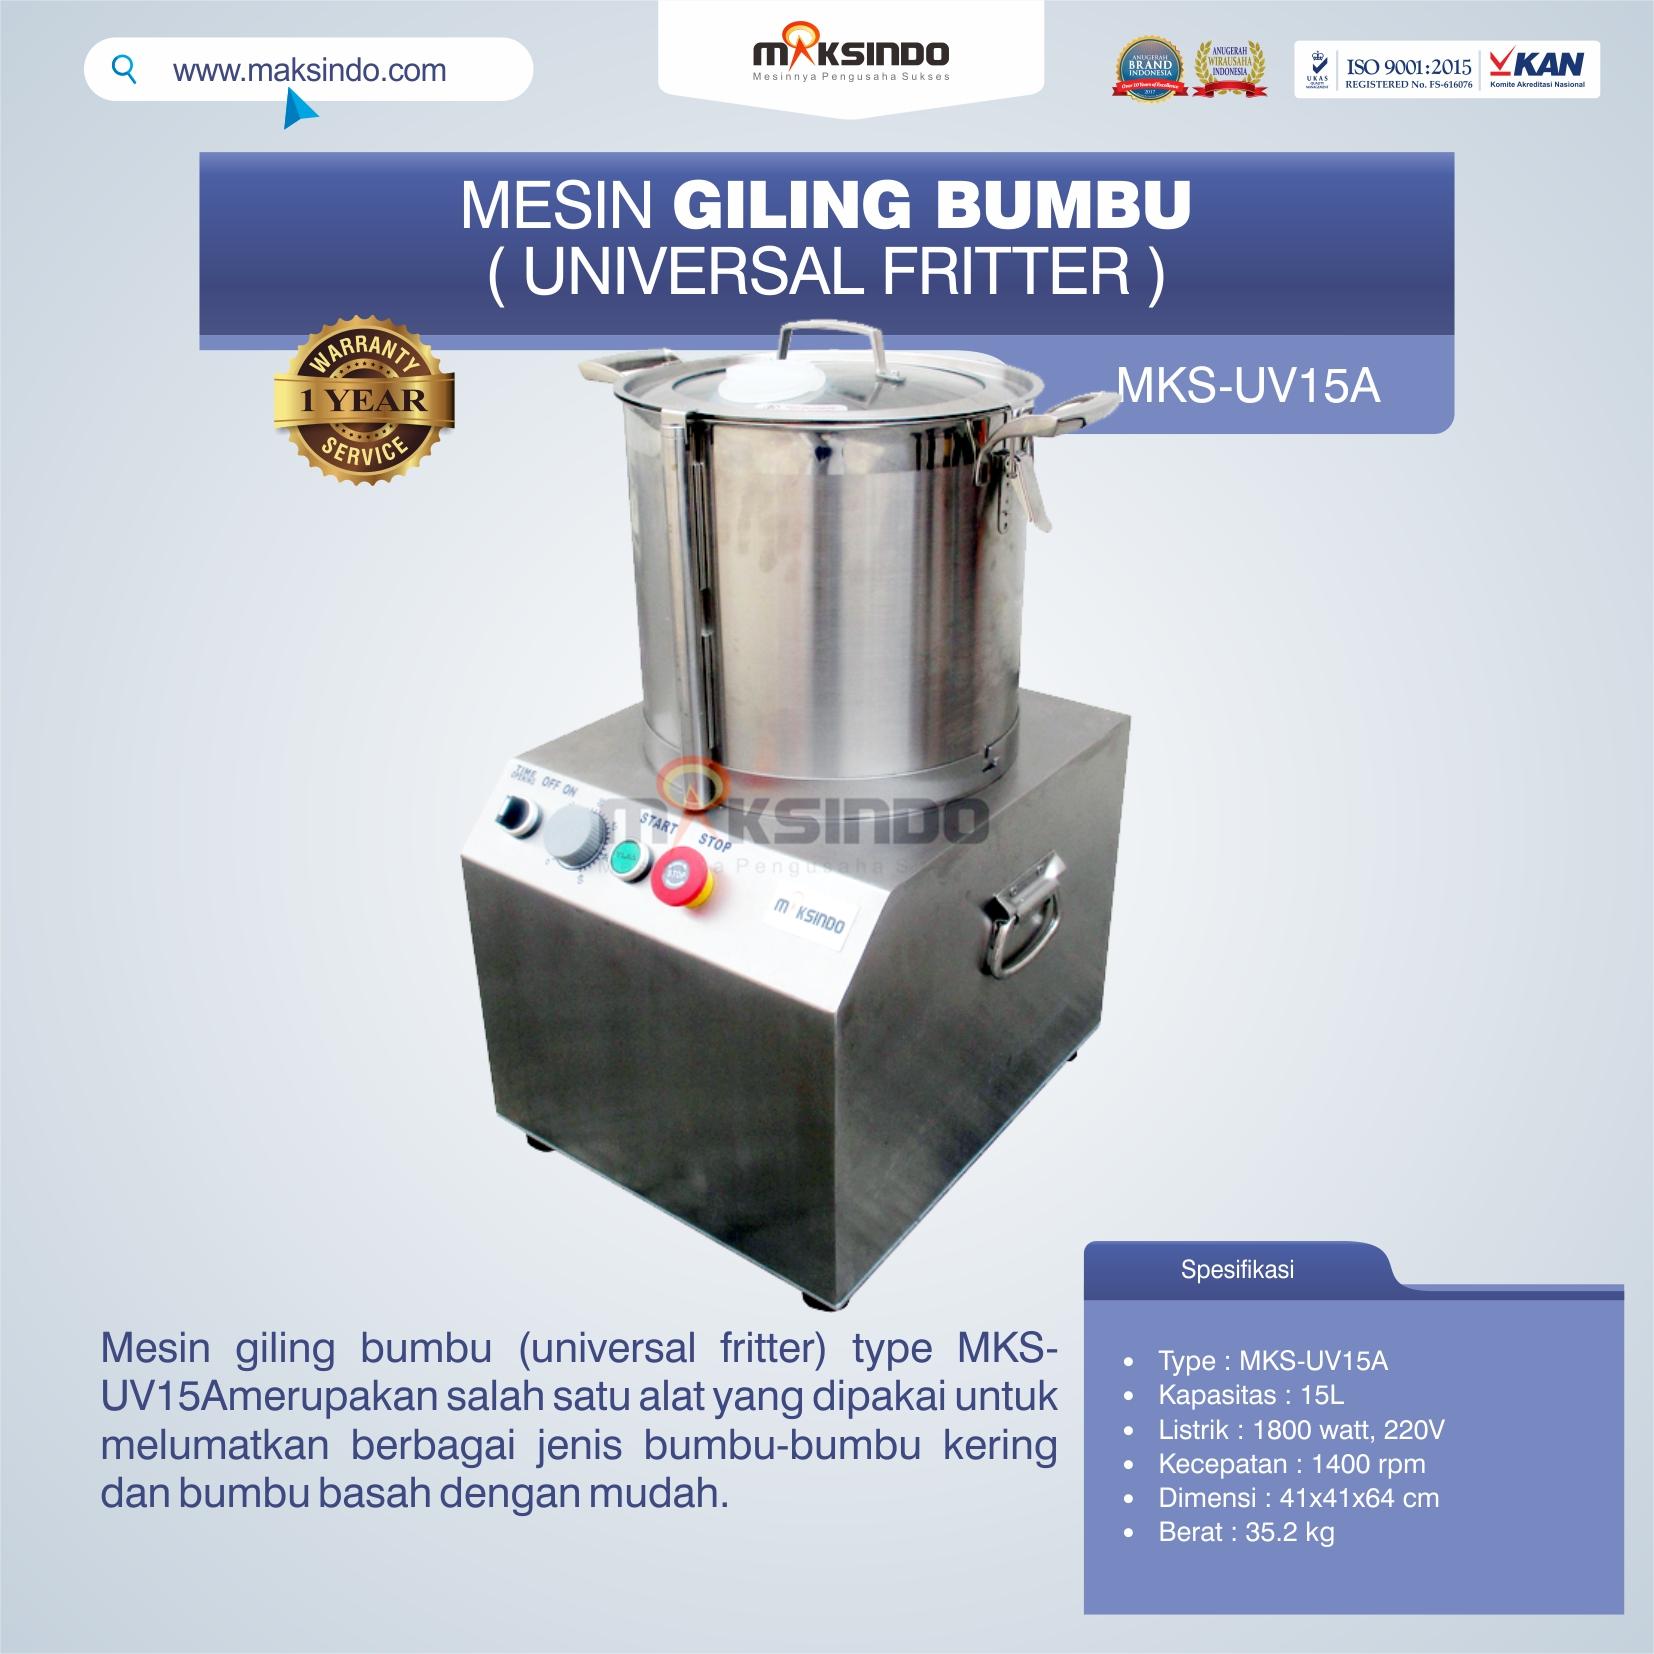 Jual Mesin Giling Bumbu (Universal Fritter) MKS-UV15A di Bekasi